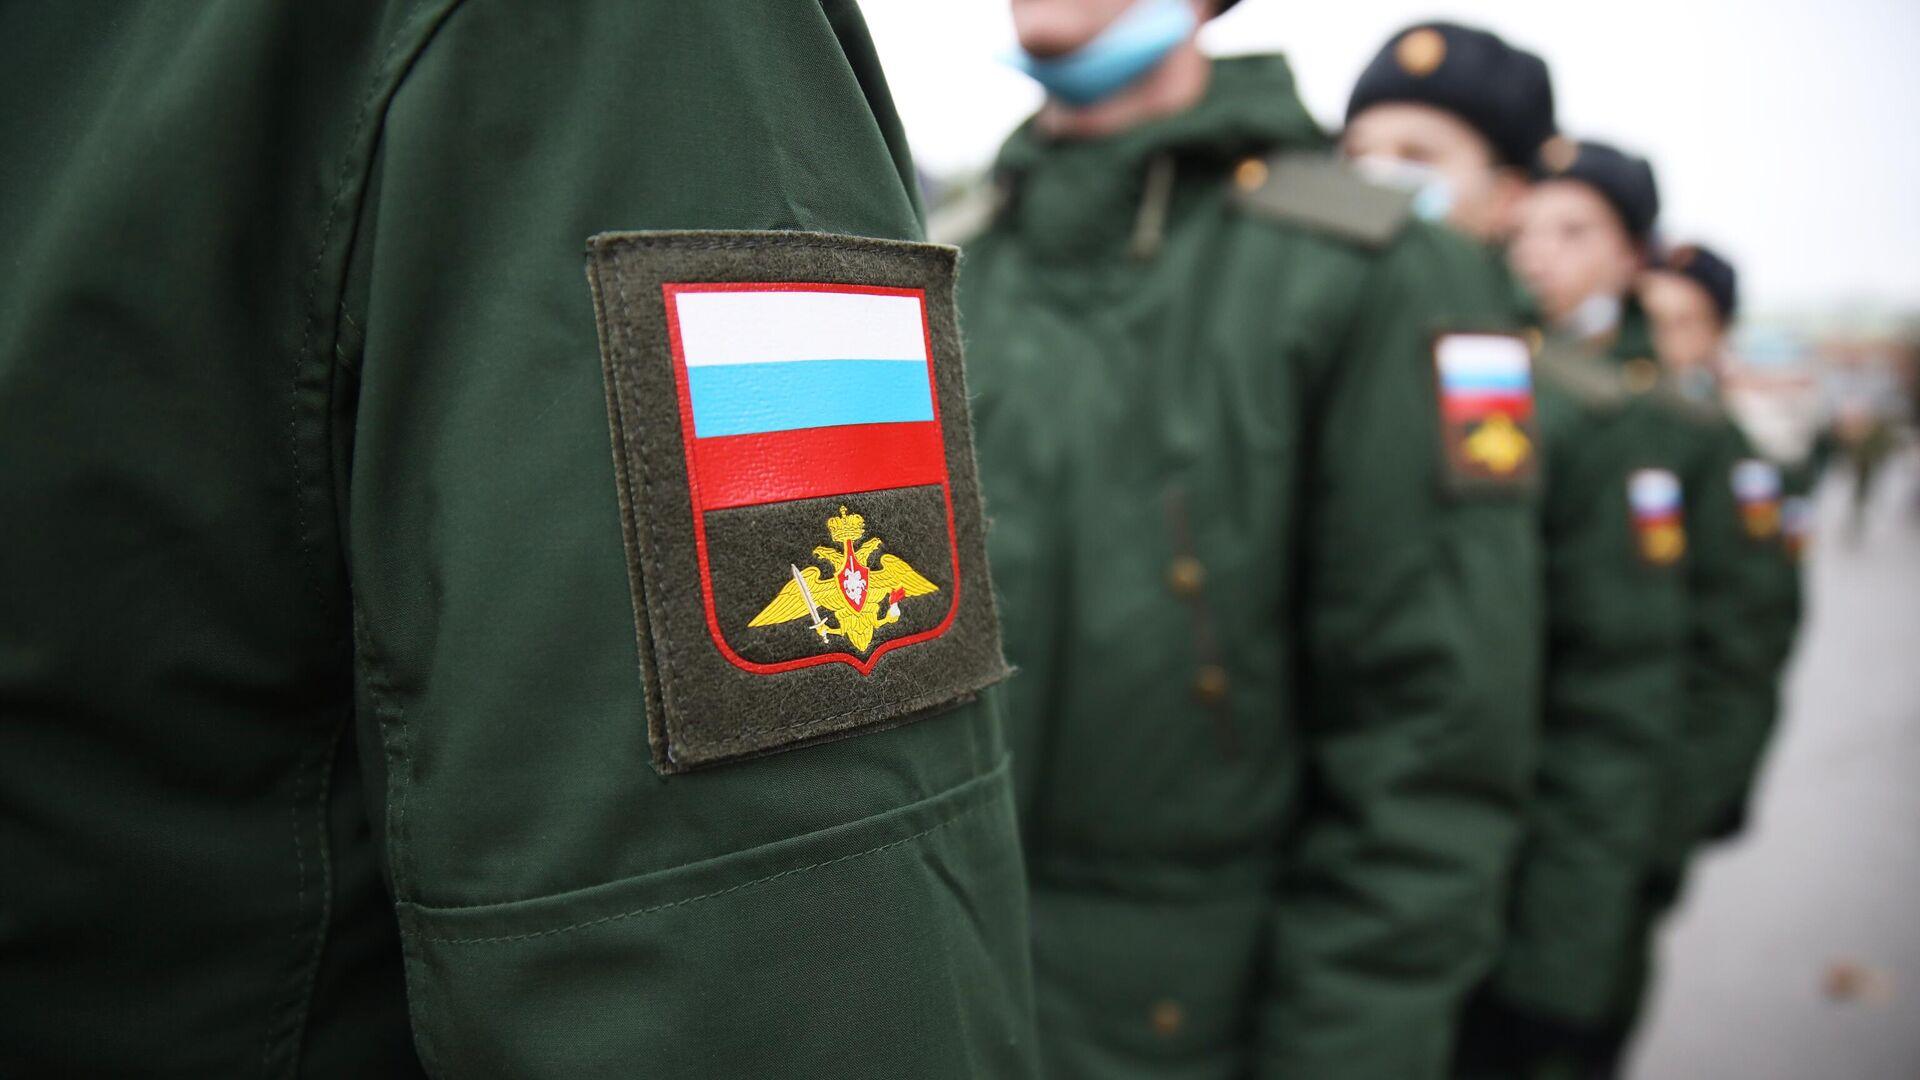 Найденный мертвым солдат-срочник, пропавший в Свердловской области, умер от удара током